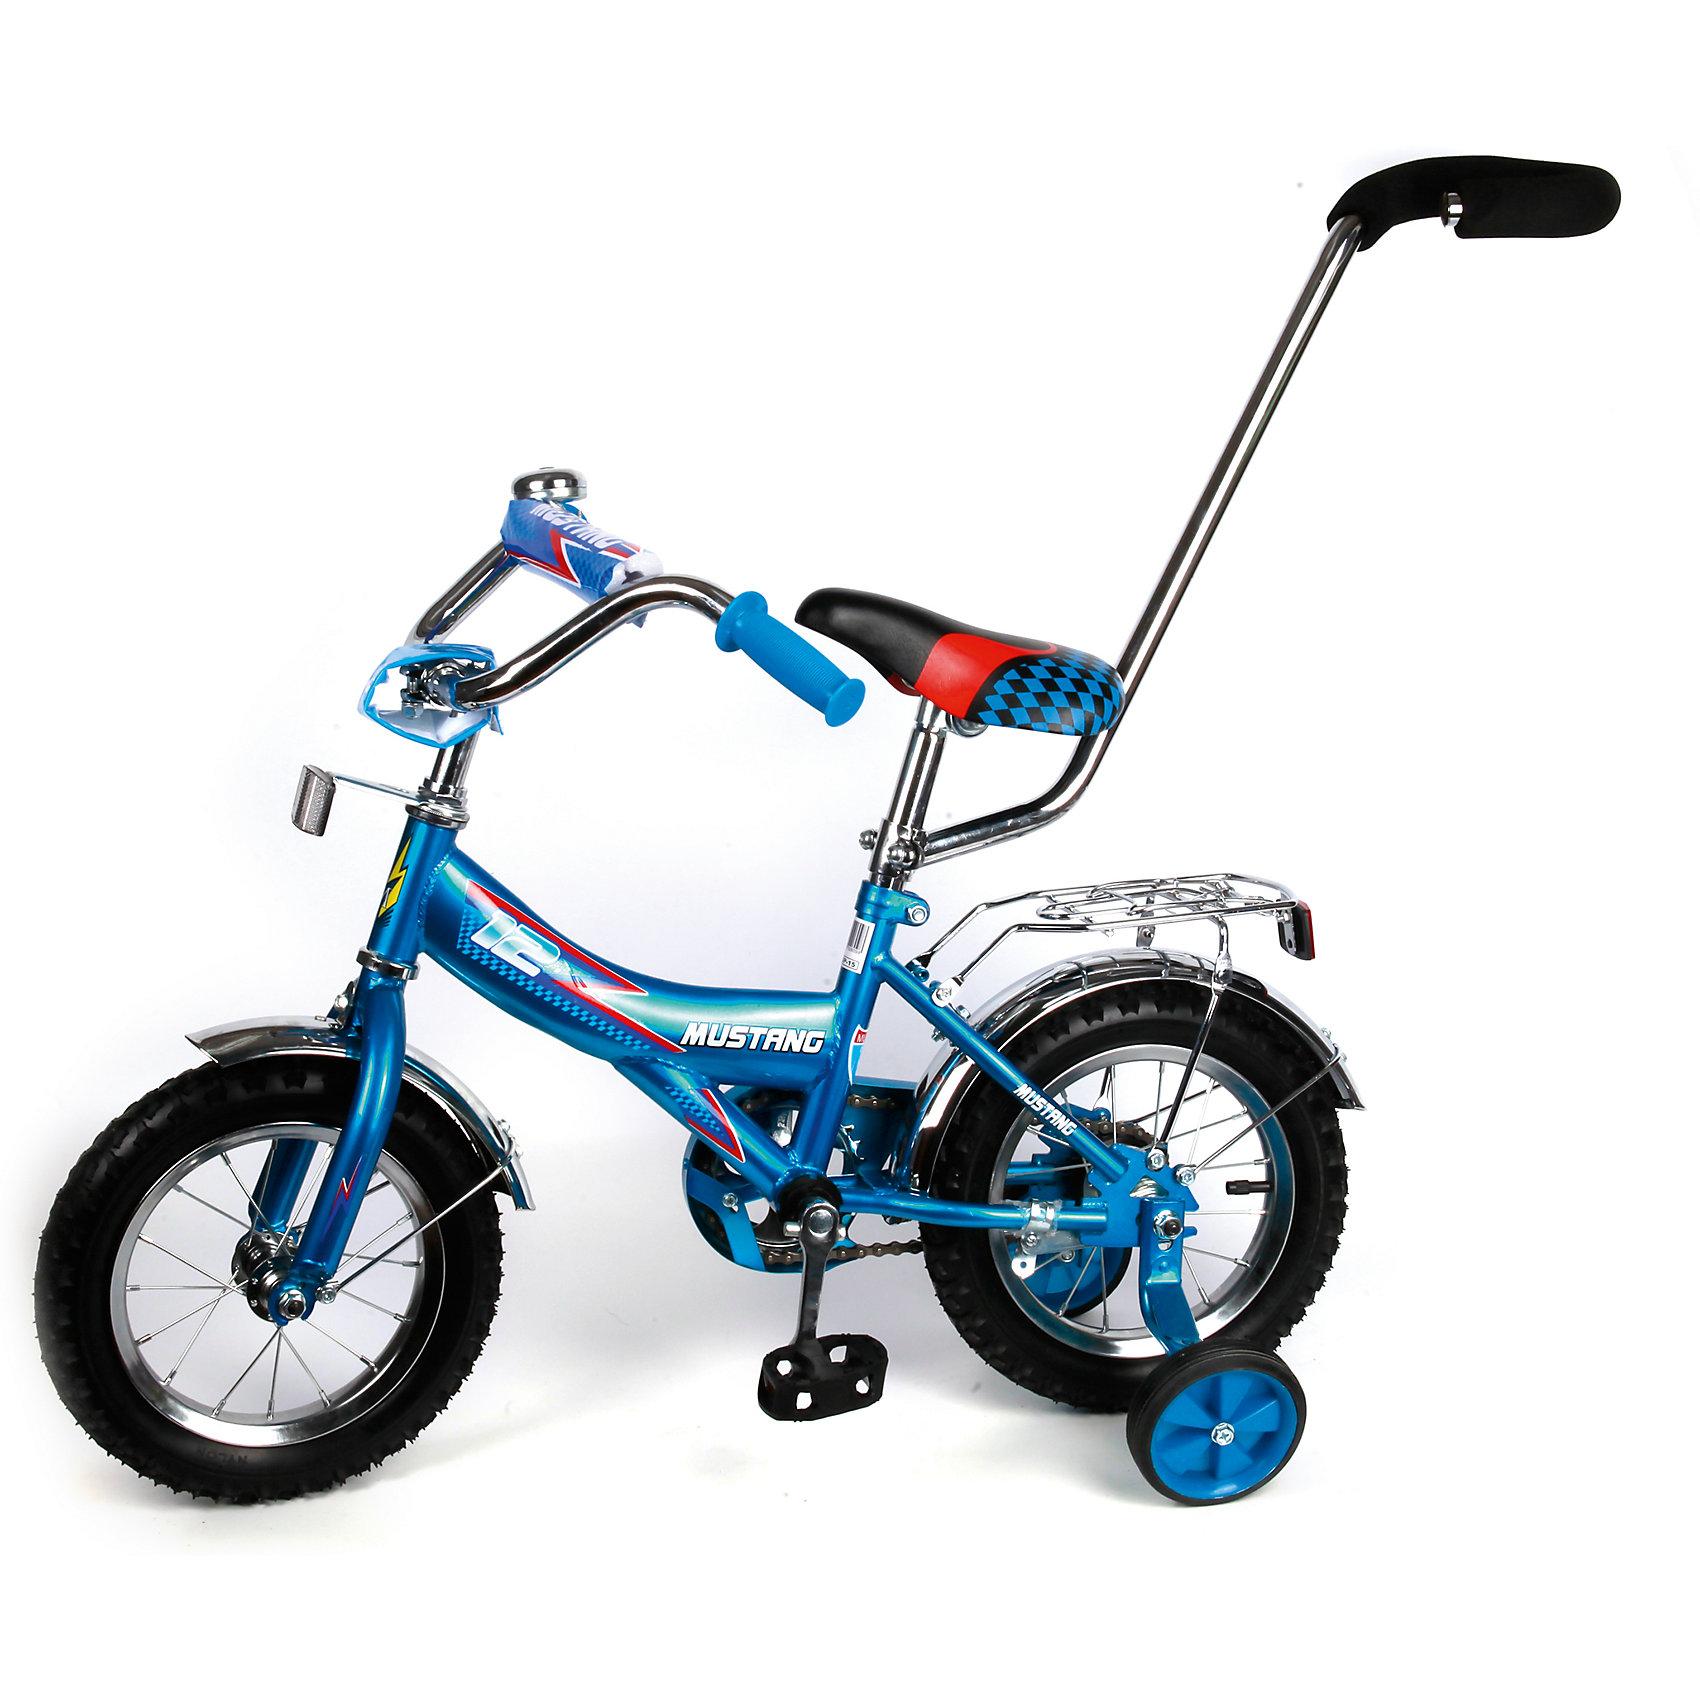 """Детский велосипед,  12"""",  синий, MustangВелосипеды детские<br>Характеристики товара:<br><br>• цвет: синий<br>• низкая Push-рама<br>• диаметр колес:30 см (12)<br>• 1 скорость<br>• задний ножной тормоз<br>• регулируемый хромированный руль BMX с защитной накладкой<br>• багажник с пружинным зажимом<br>• звонок<br>• приставные пластиковые колеса с усиленным кронштейном<br>• усиленные хромированные крылья<br>• ограничитель поворота руля<br>• ручка-толкатель<br>• полная защита цепи """"Р"""" типа<br>• вес: 10,4 кг<br>• размер в собранном виде: 85х50х90 см<br>• допустимый вес: до 25 кг<br>• рекомендуемый возраст: от 12 мес<br>• страна производства: Китай<br><br>Велосипед детский «Mustang» 12"""" можно купить в нашем магазине.<br><br>Ширина мм: 850<br>Глубина мм: 500<br>Высота мм: 900<br>Вес г: 10400<br>Возраст от месяцев: 12<br>Возраст до месяцев: 60<br>Пол: Мужской<br>Возраст: Детский<br>SKU: 5526380"""